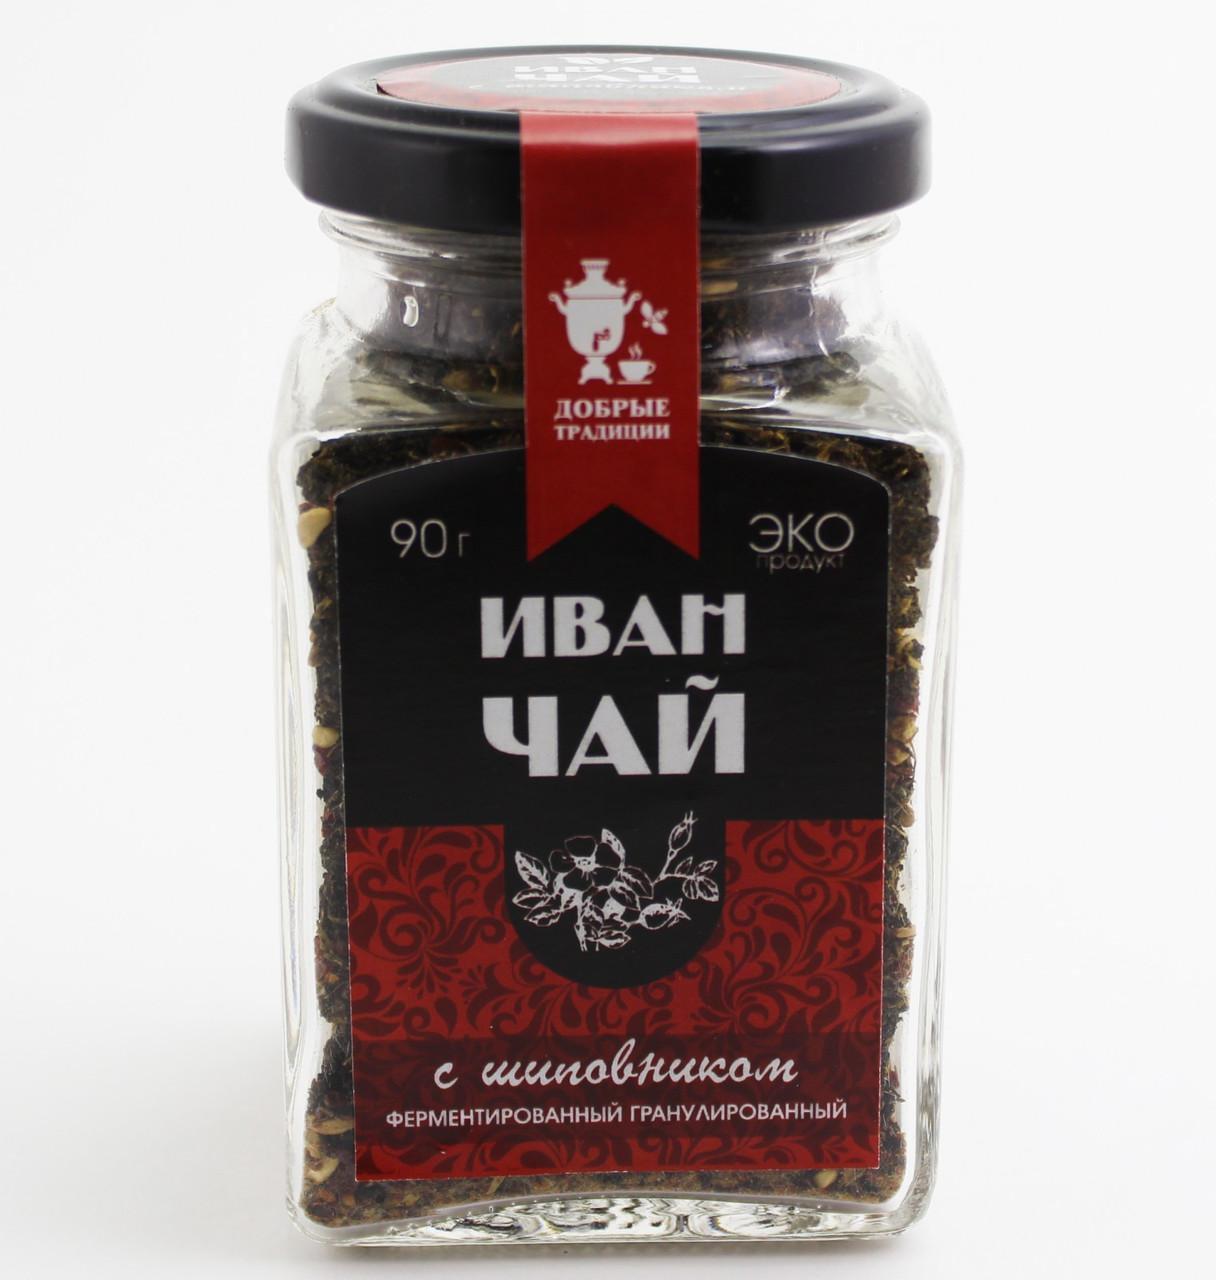 Иван-чай гран.с шиповником,банка, 80 г